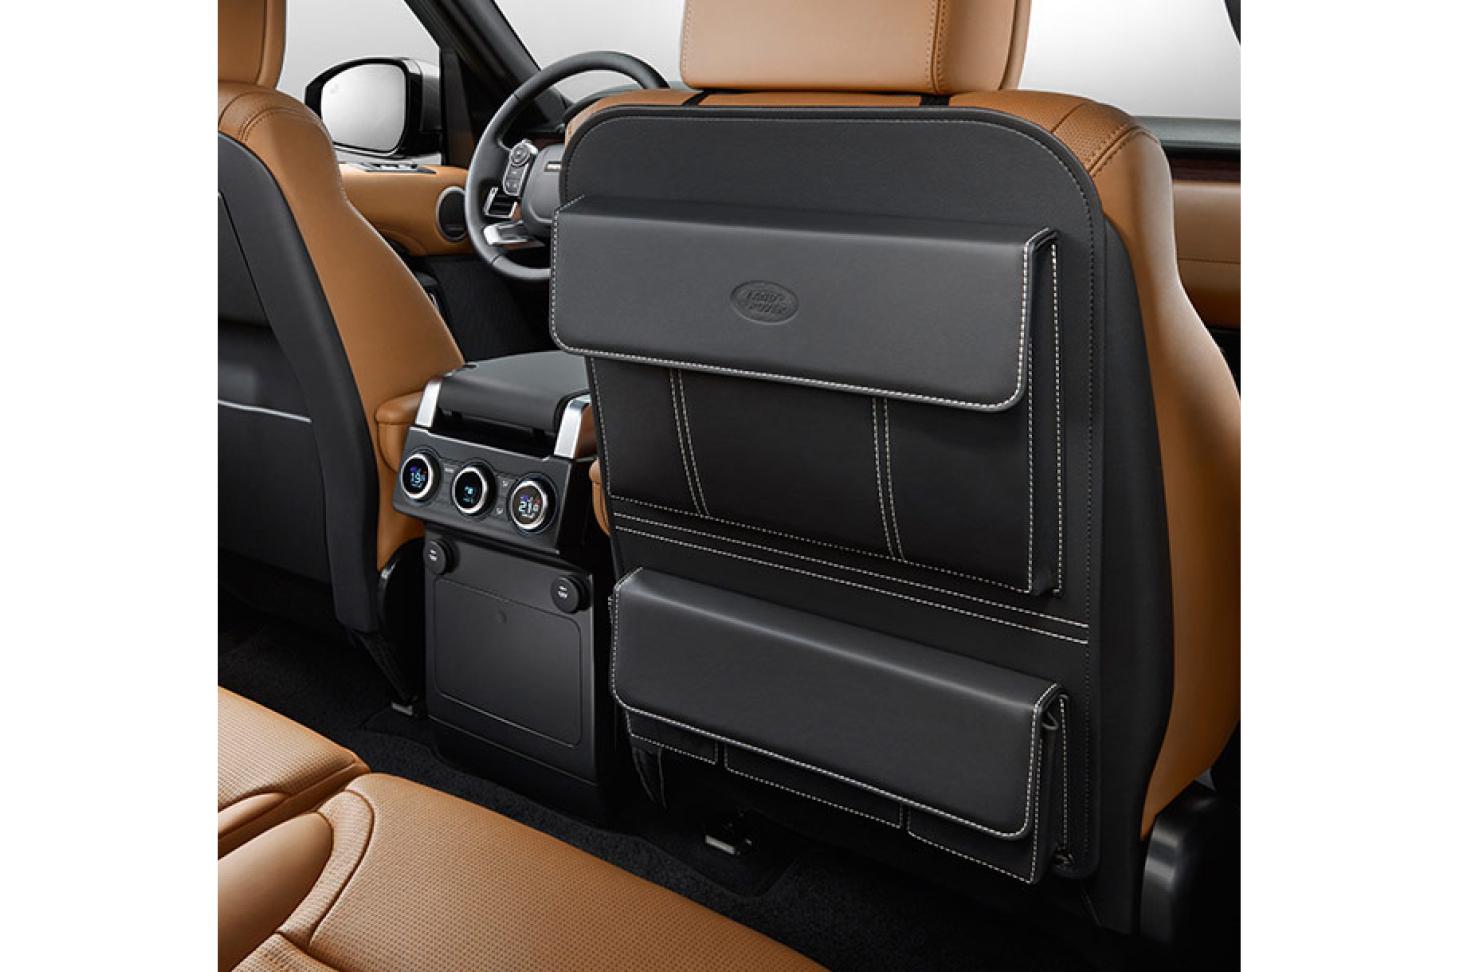 Land Rover Premium Seat Back Stowage